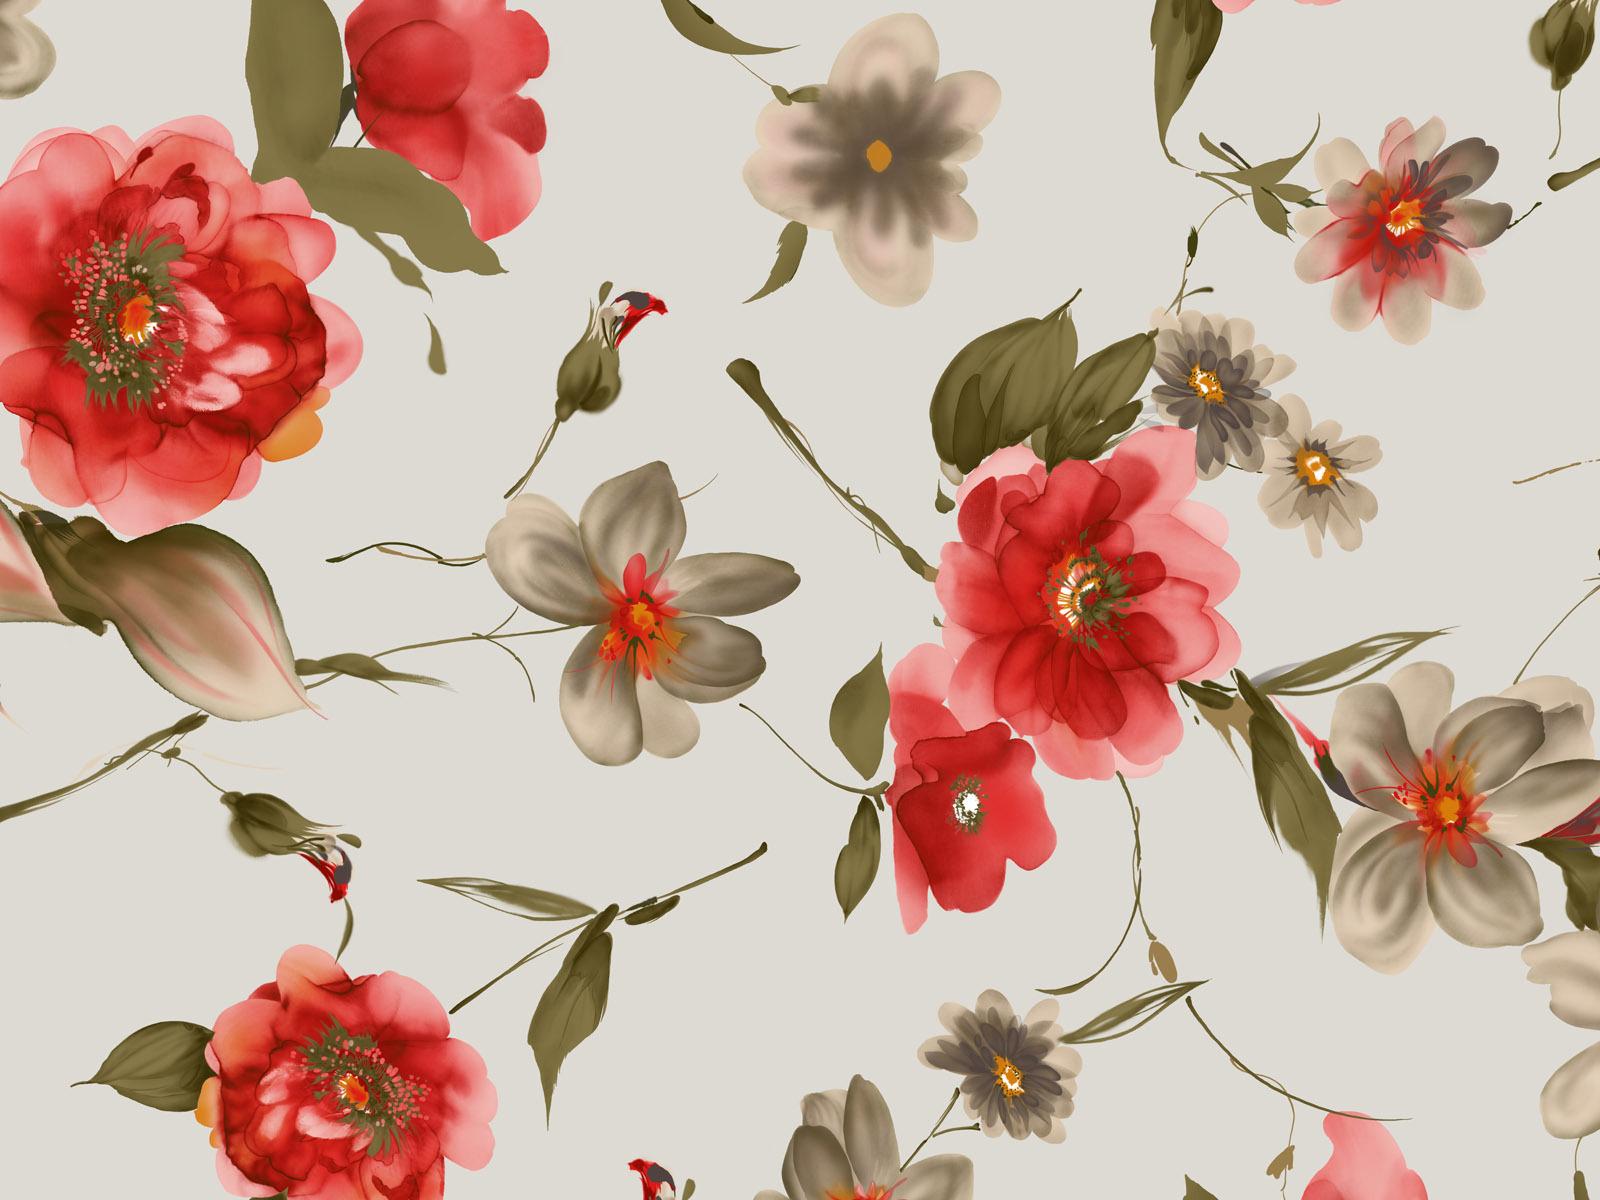 Картинки с цветочным фоном